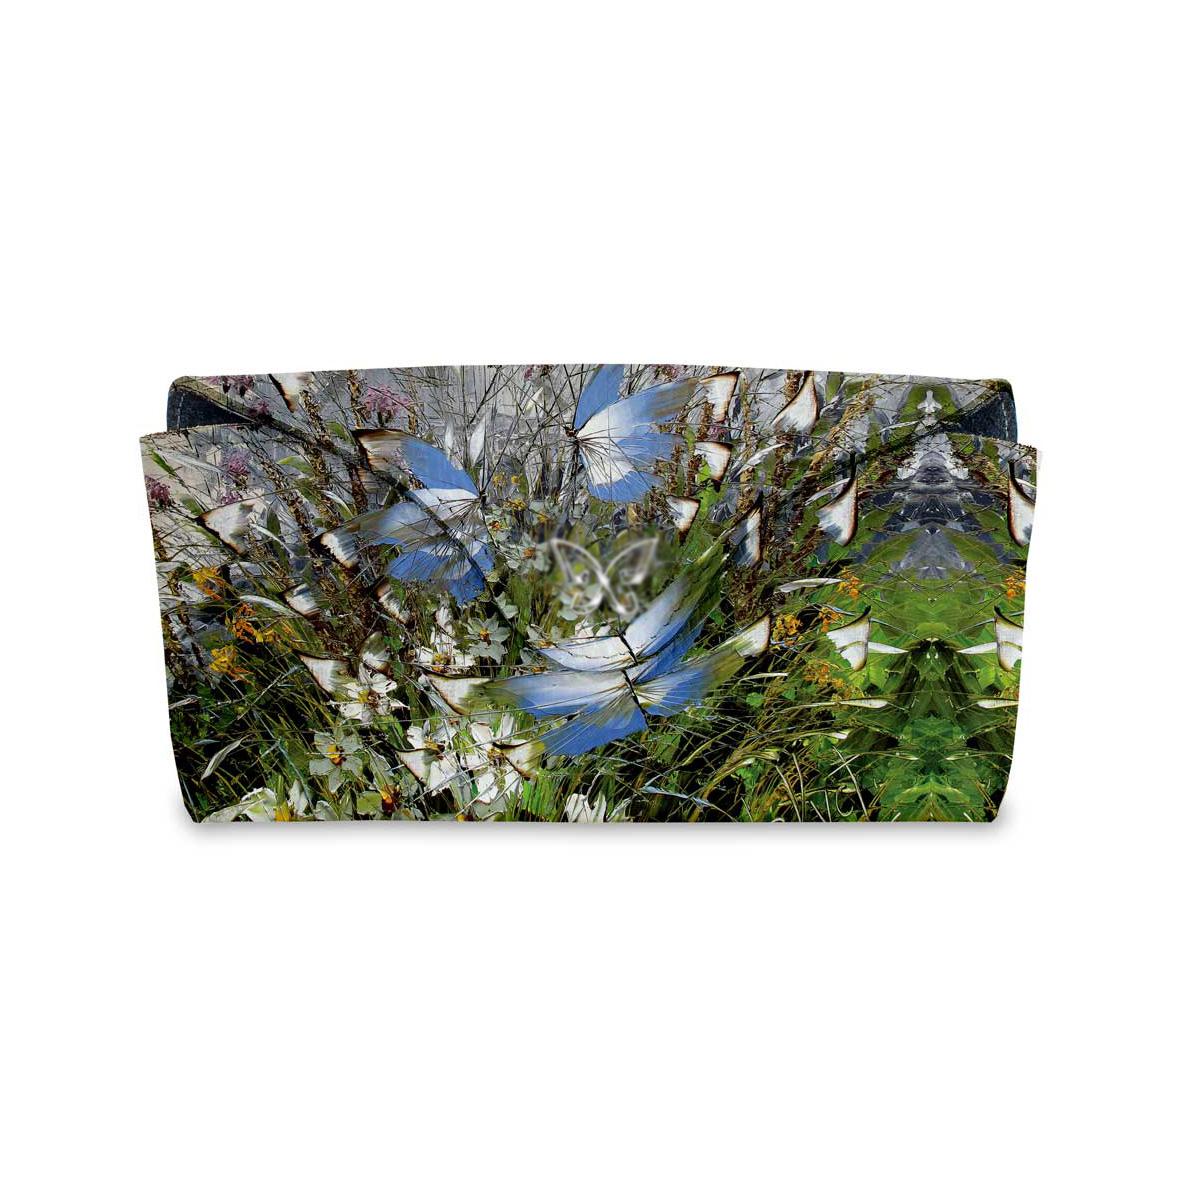 Очечник для паспорта по картине Дмитрия Кустановича «Бабочки над цветами и травами»